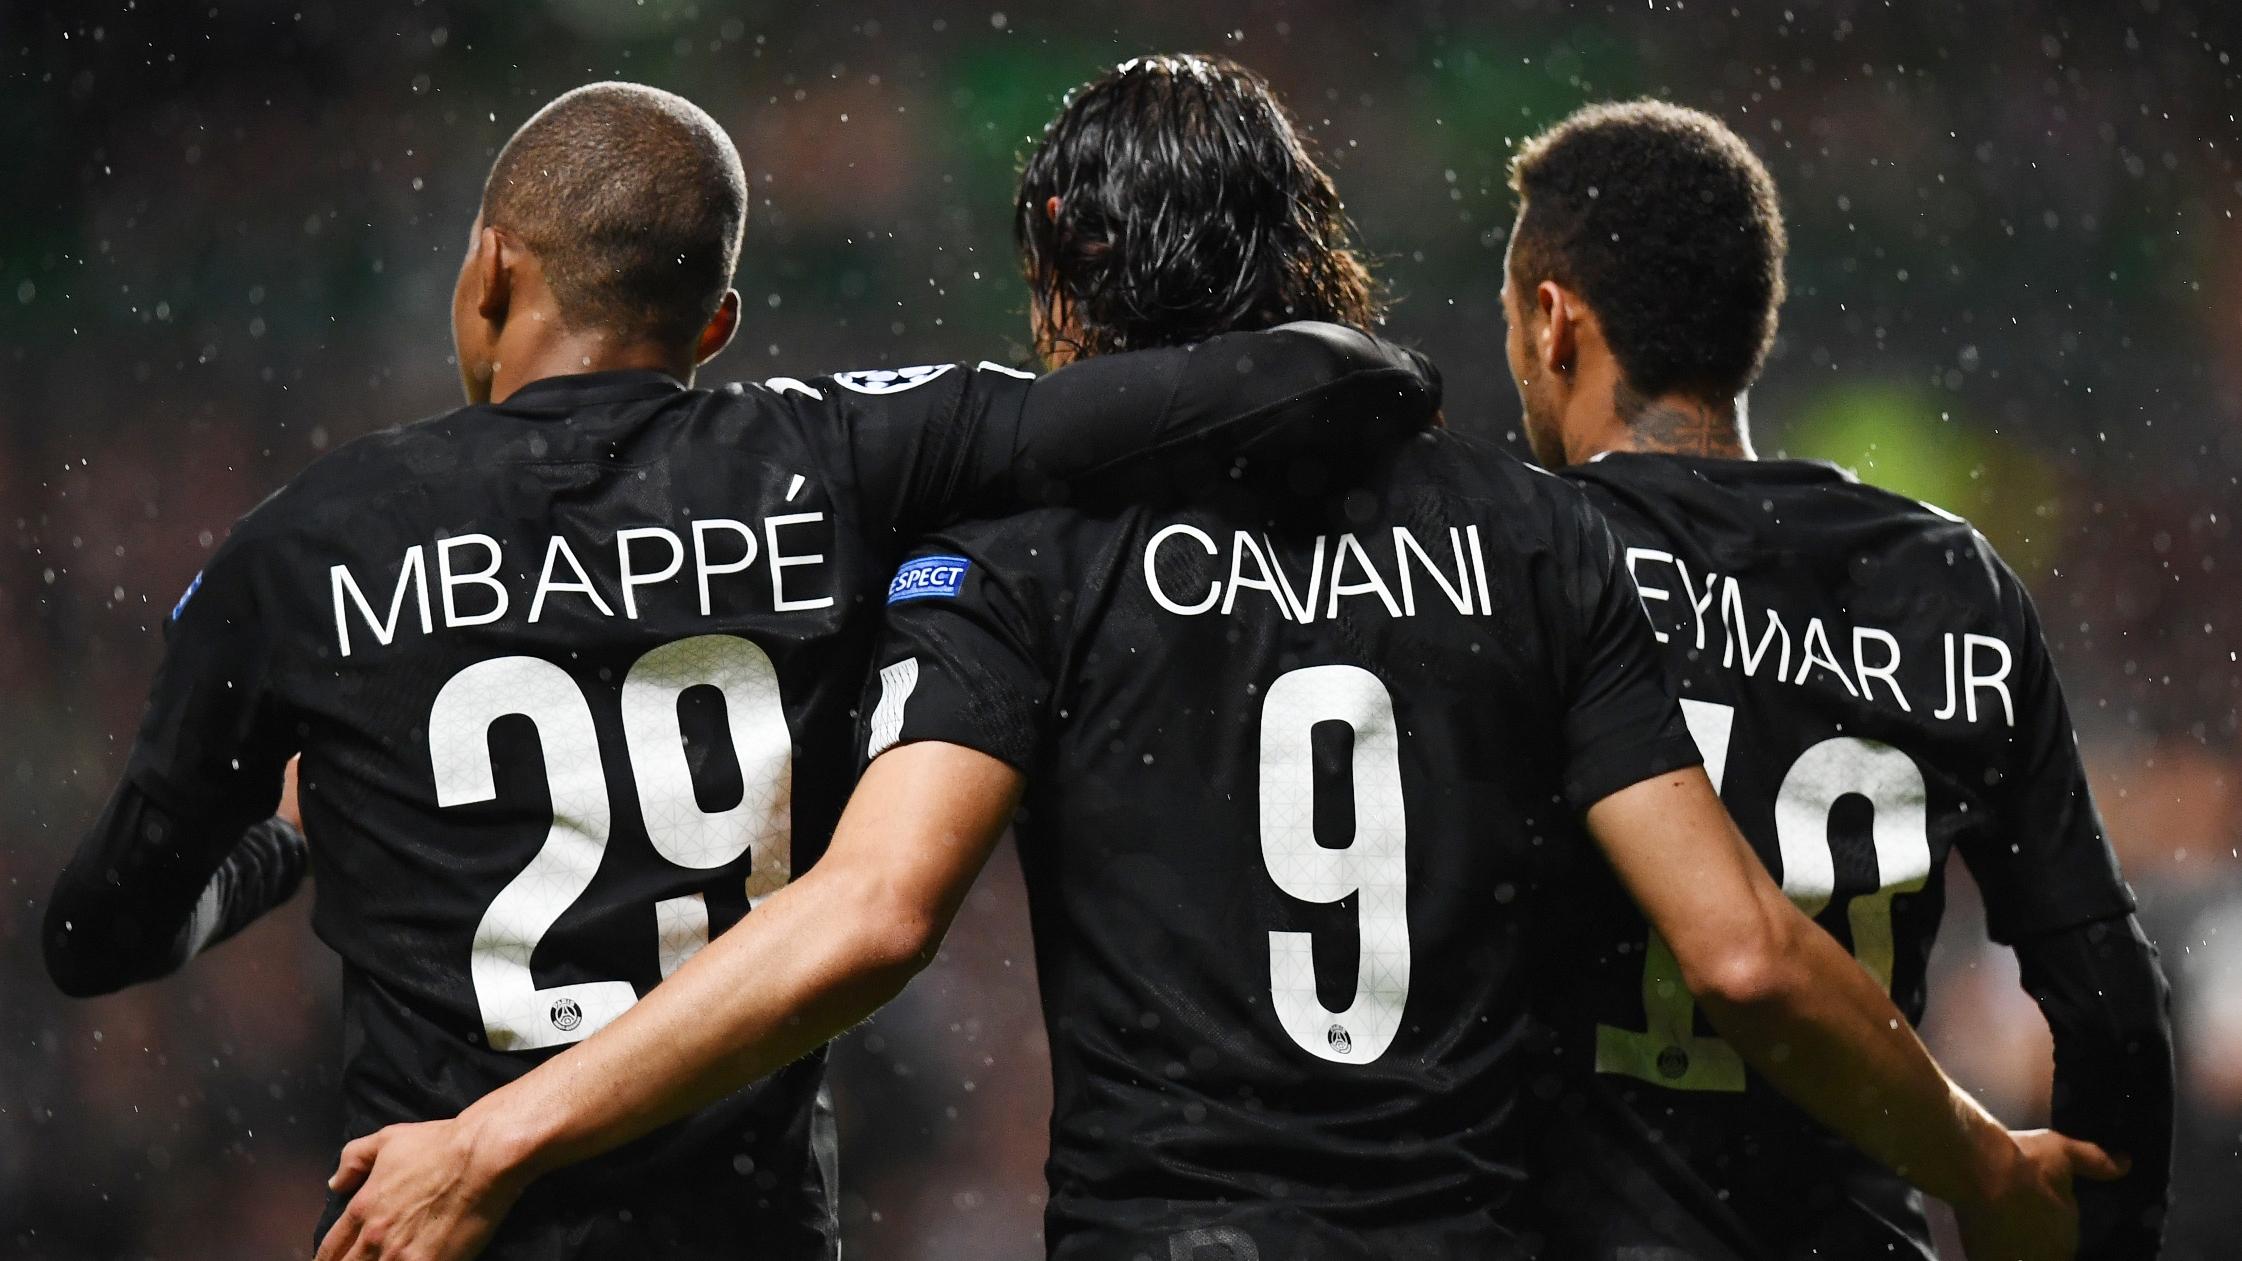 Neymar Mbappe Cavani Send Out A Champions League Message Soccer